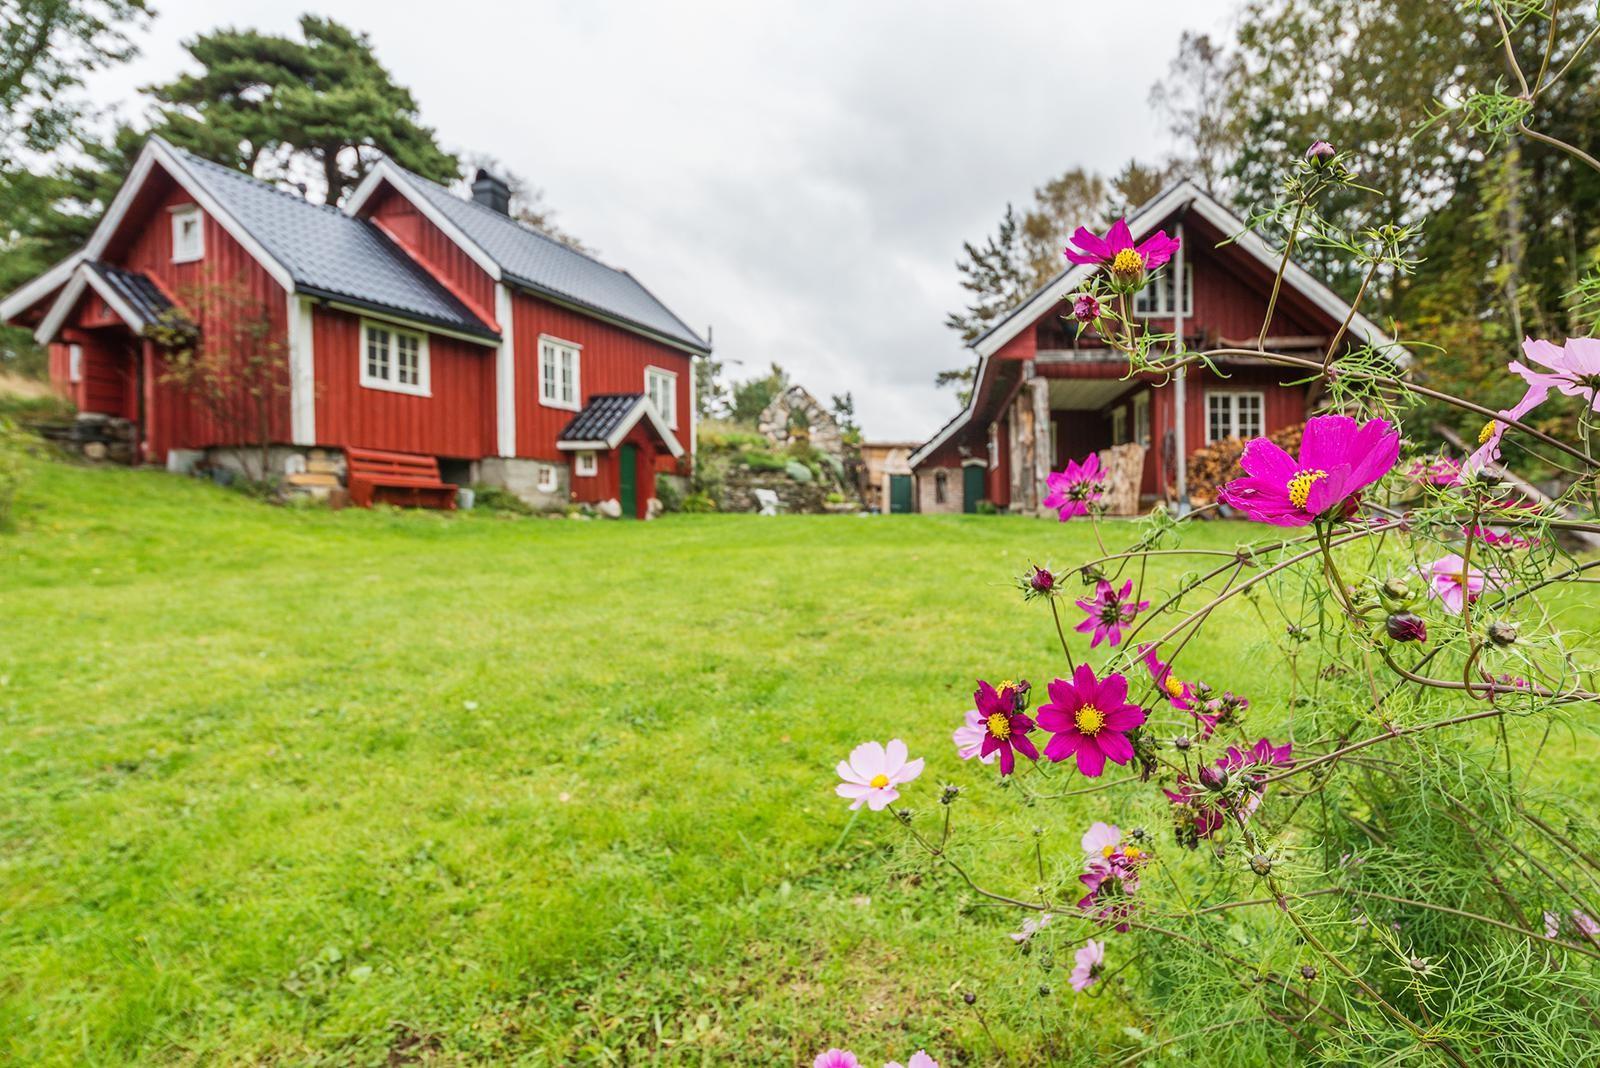 hyggelig-og-unik-eiendom-som-ma-oppleves